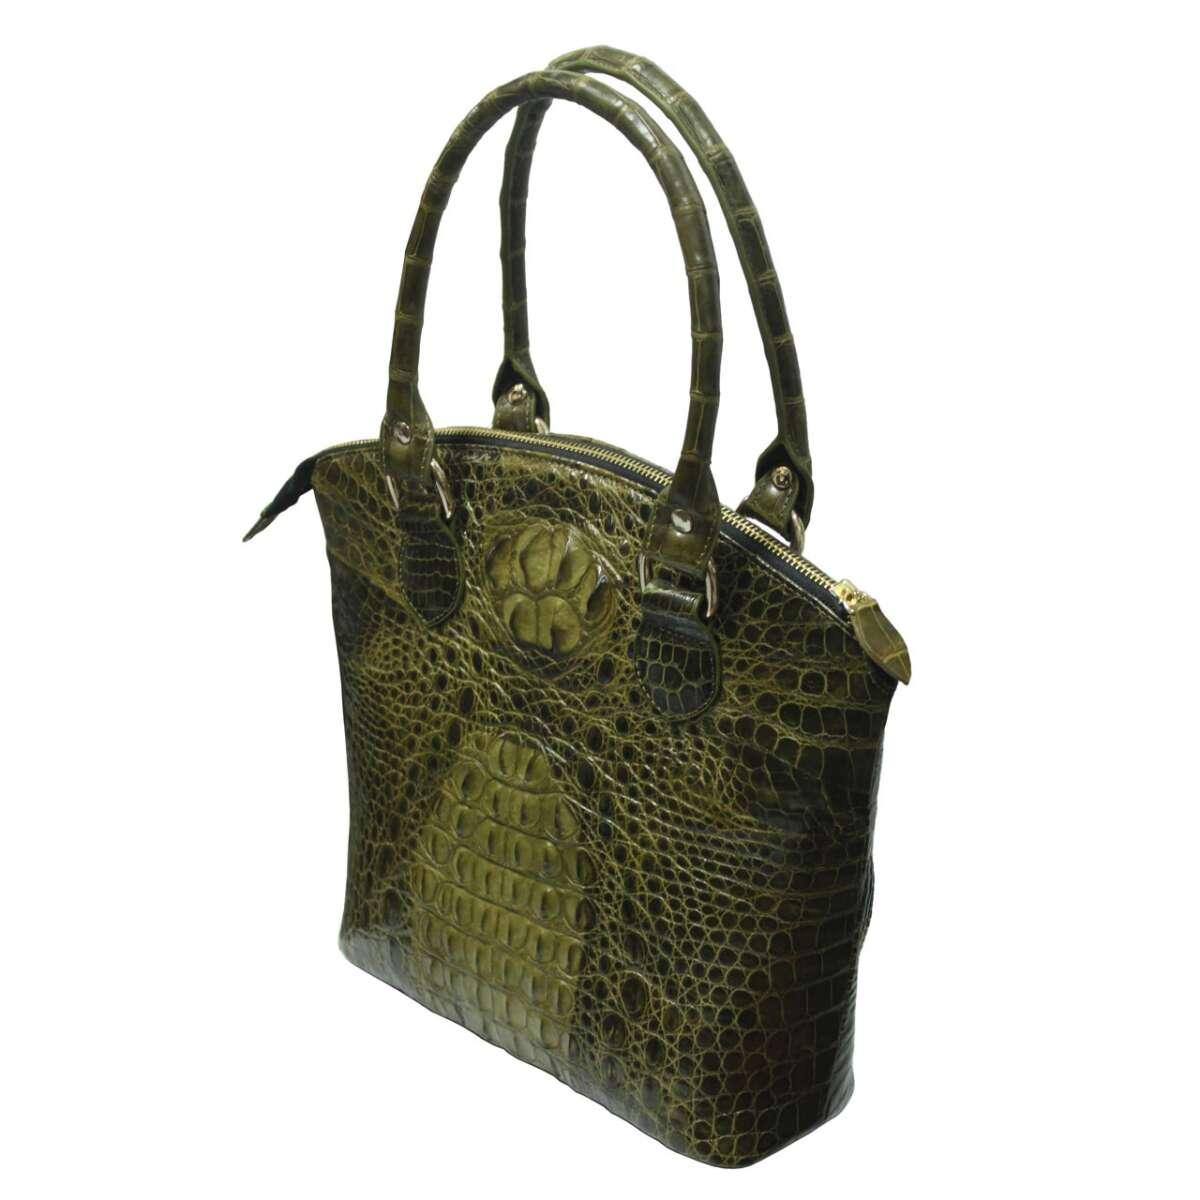 Túi xách nữ da cá sấu S009c